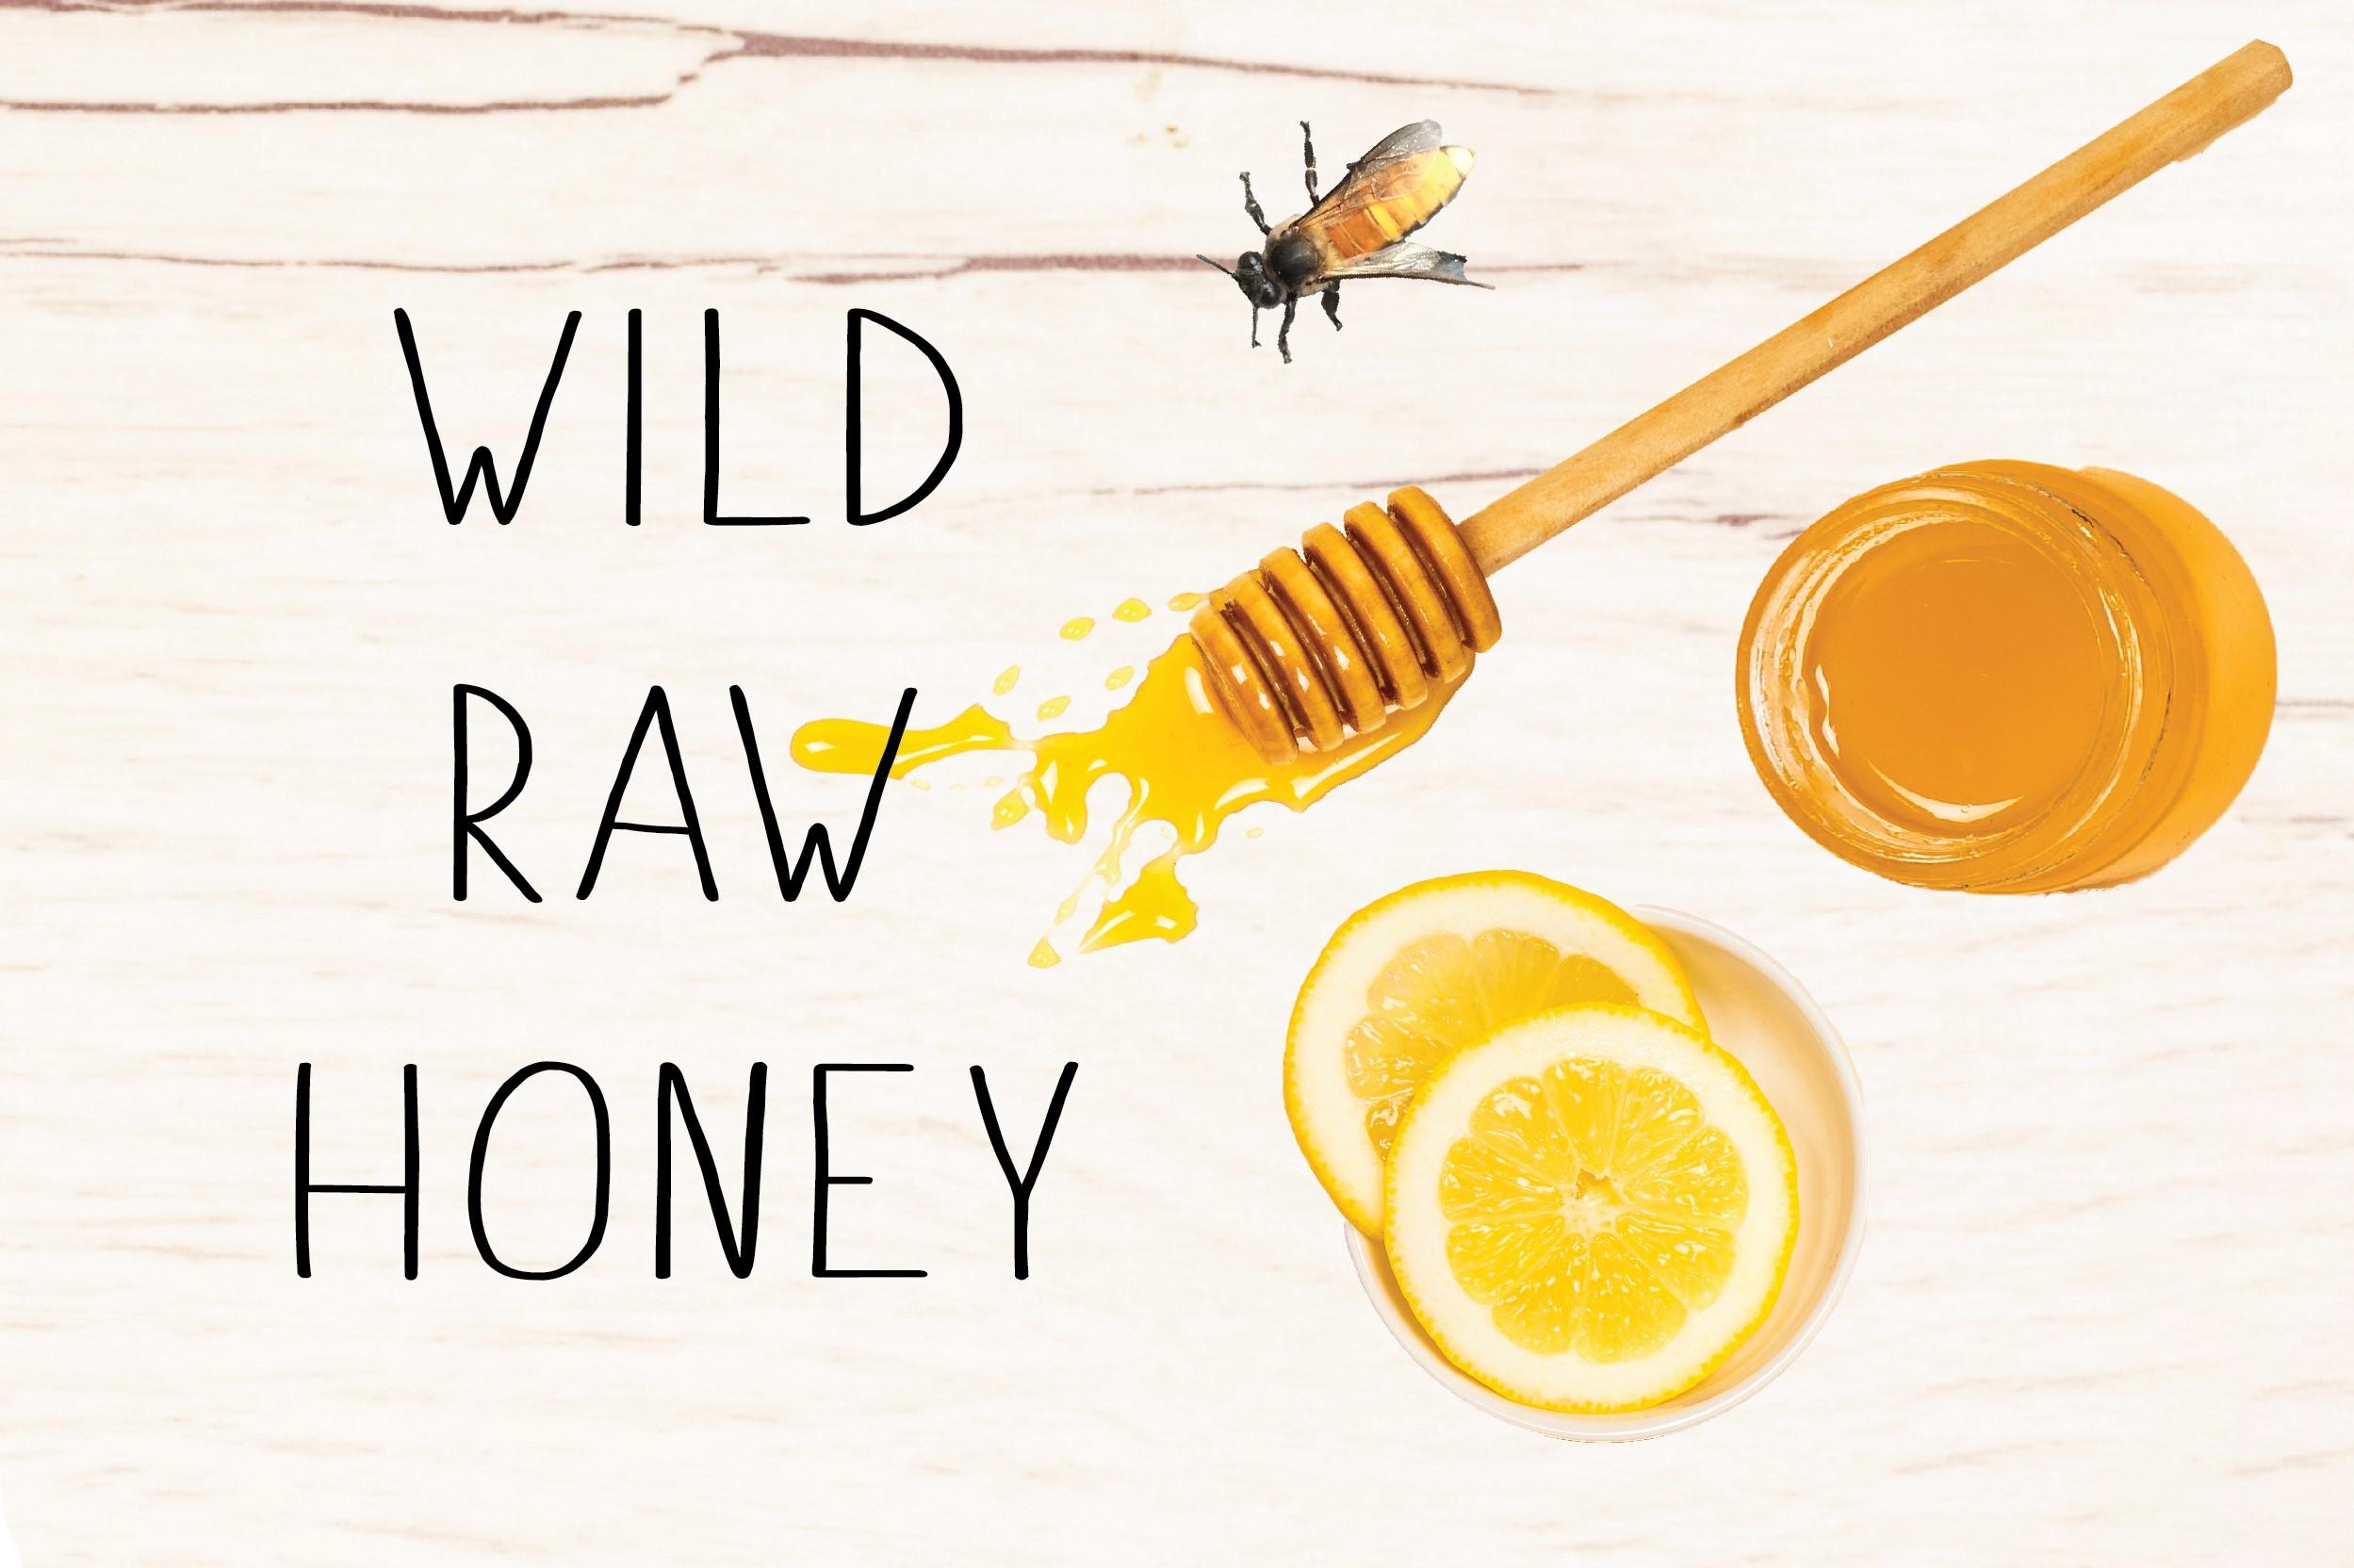 WILD RAW HONEY